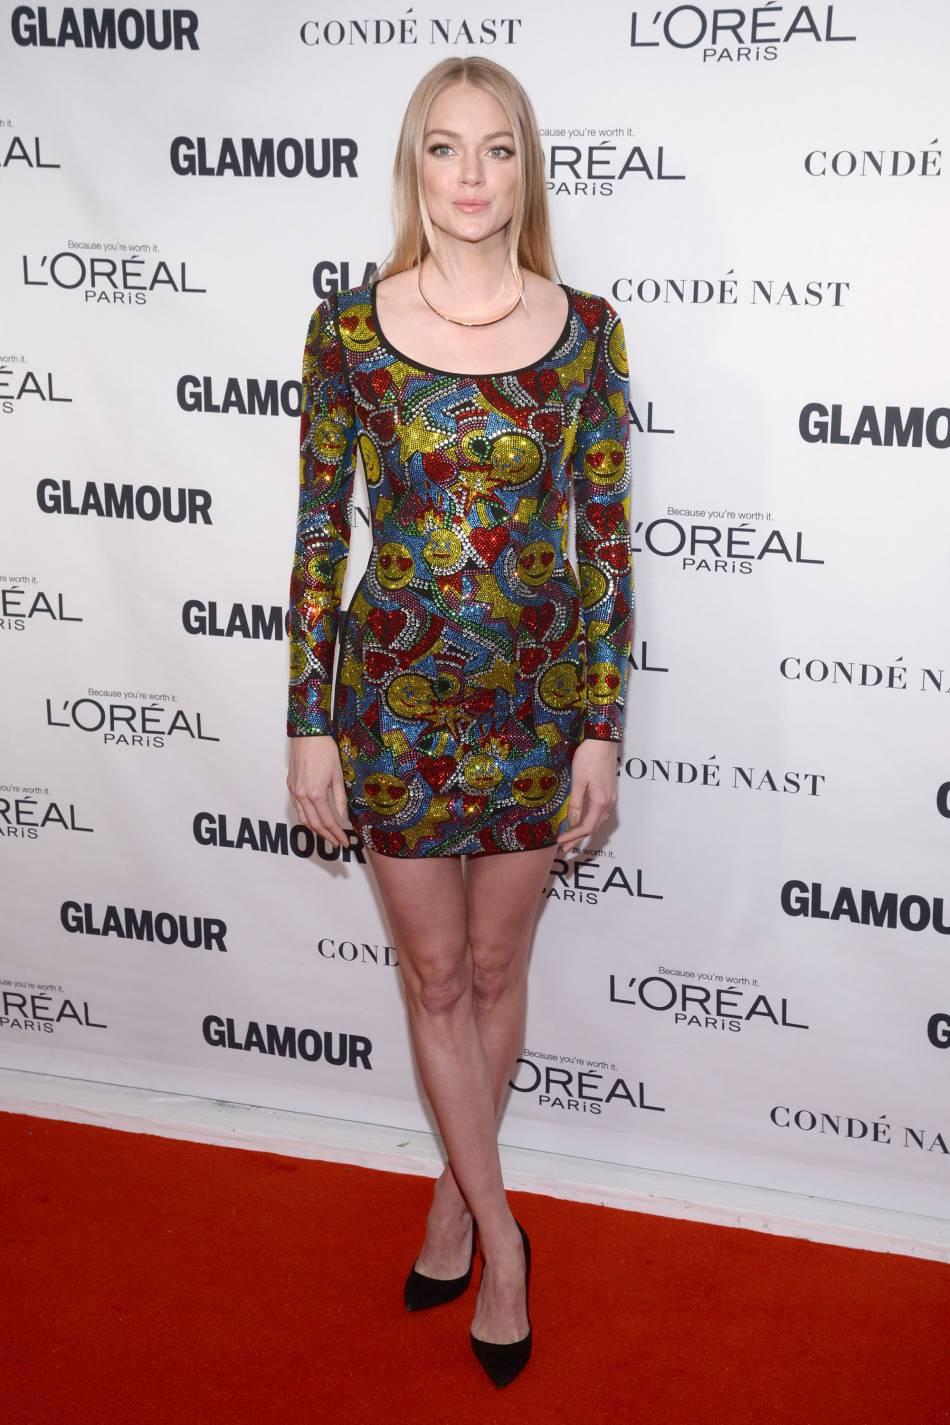 Le top Lindsay Ellingson aux Glamour Awards le 9 novembre 2015 à New York.